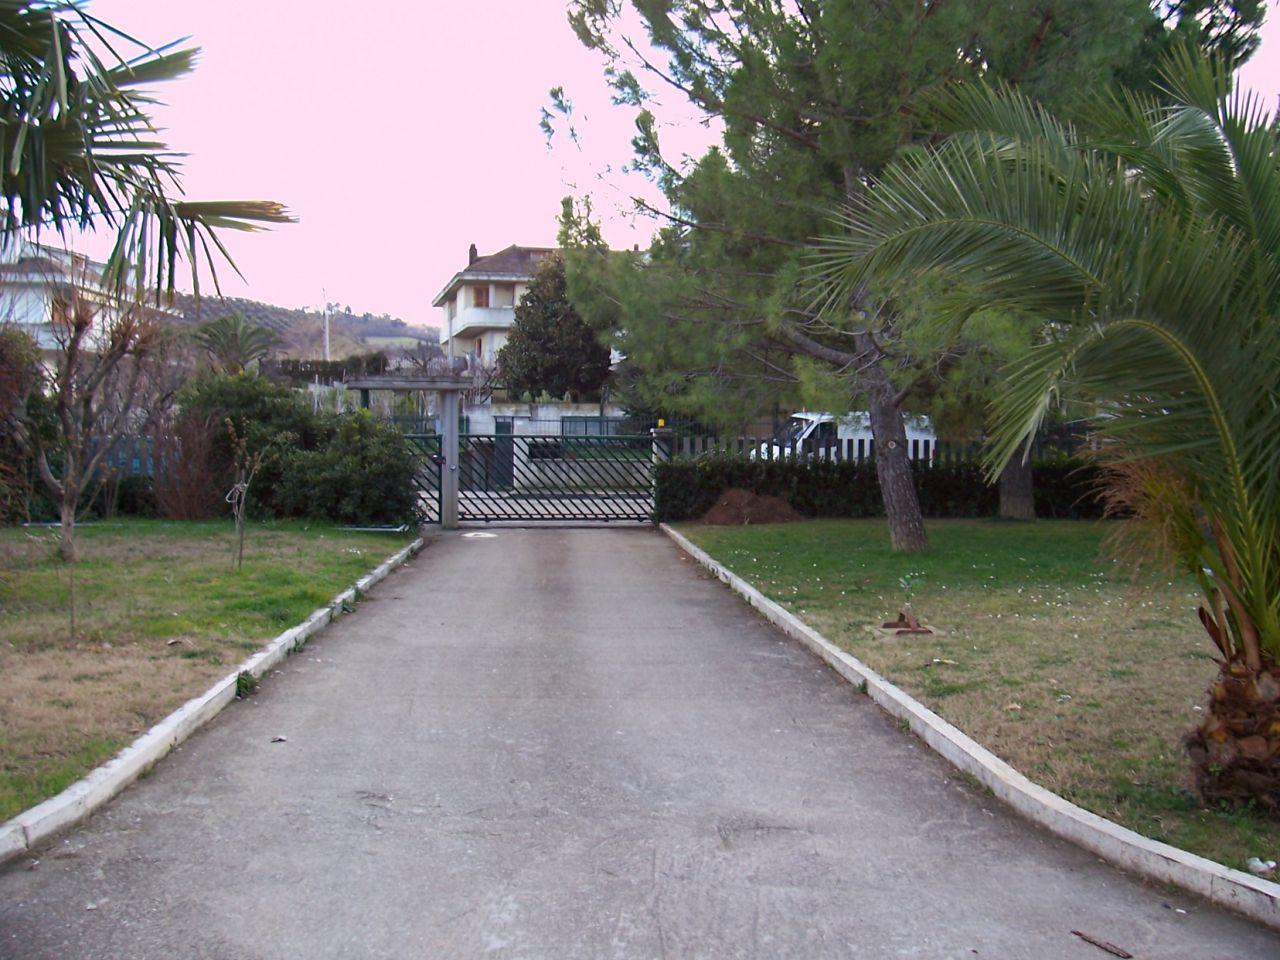 Appartamento in vendita a Ascoli Piceno, 9999 locali, zona Località: Marino, prezzo € 650.000 | Cambio Casa.it